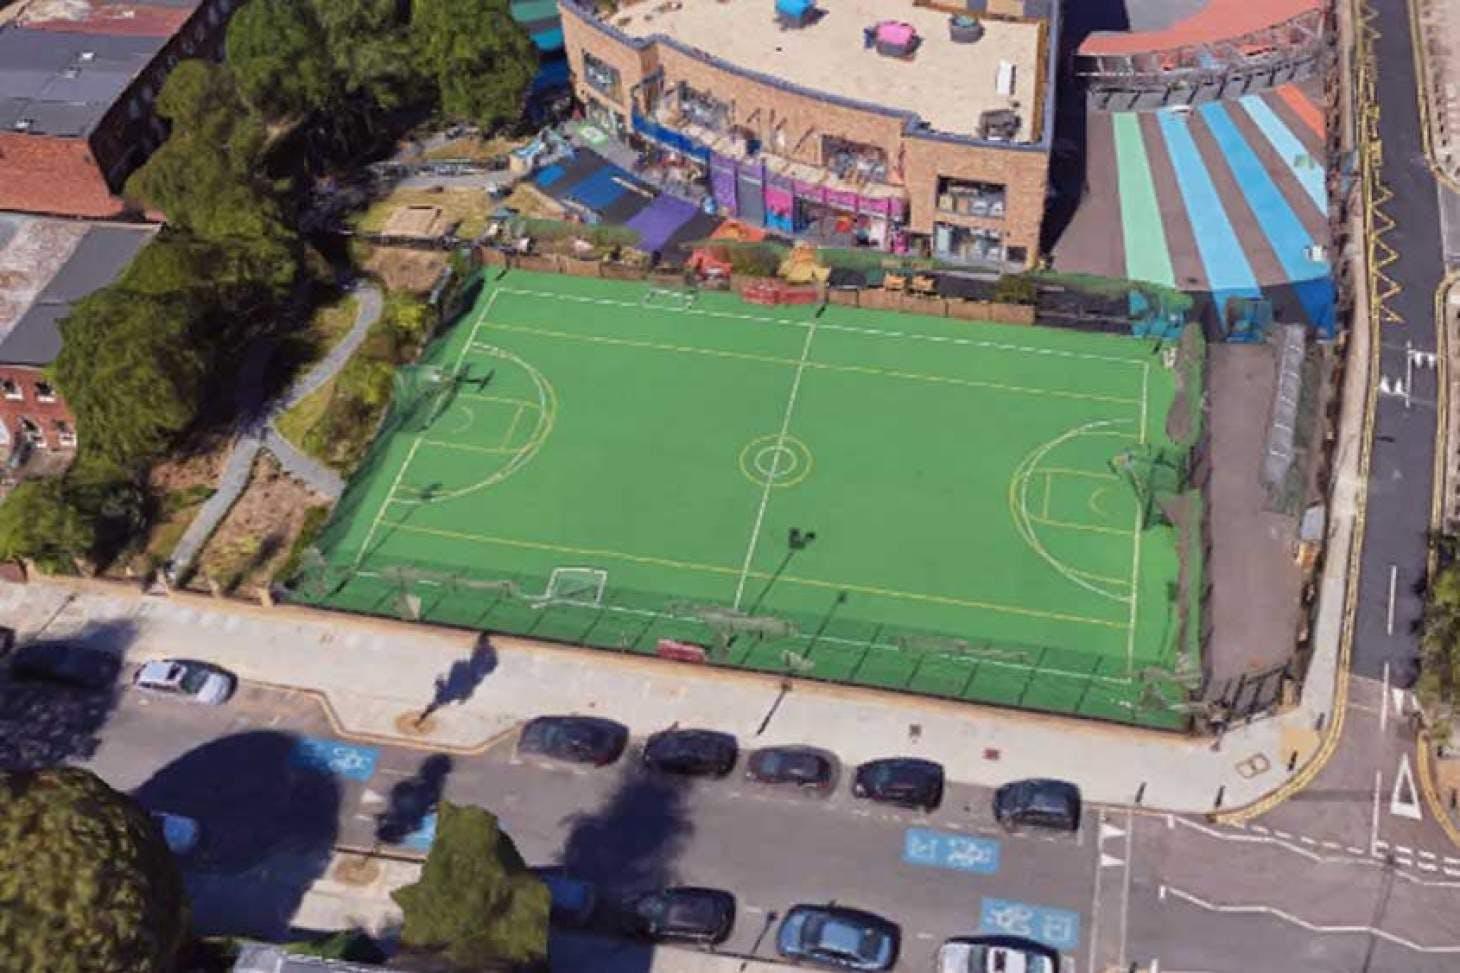 Canary Wharf MUGA 5 a side | Astroturf football pitch